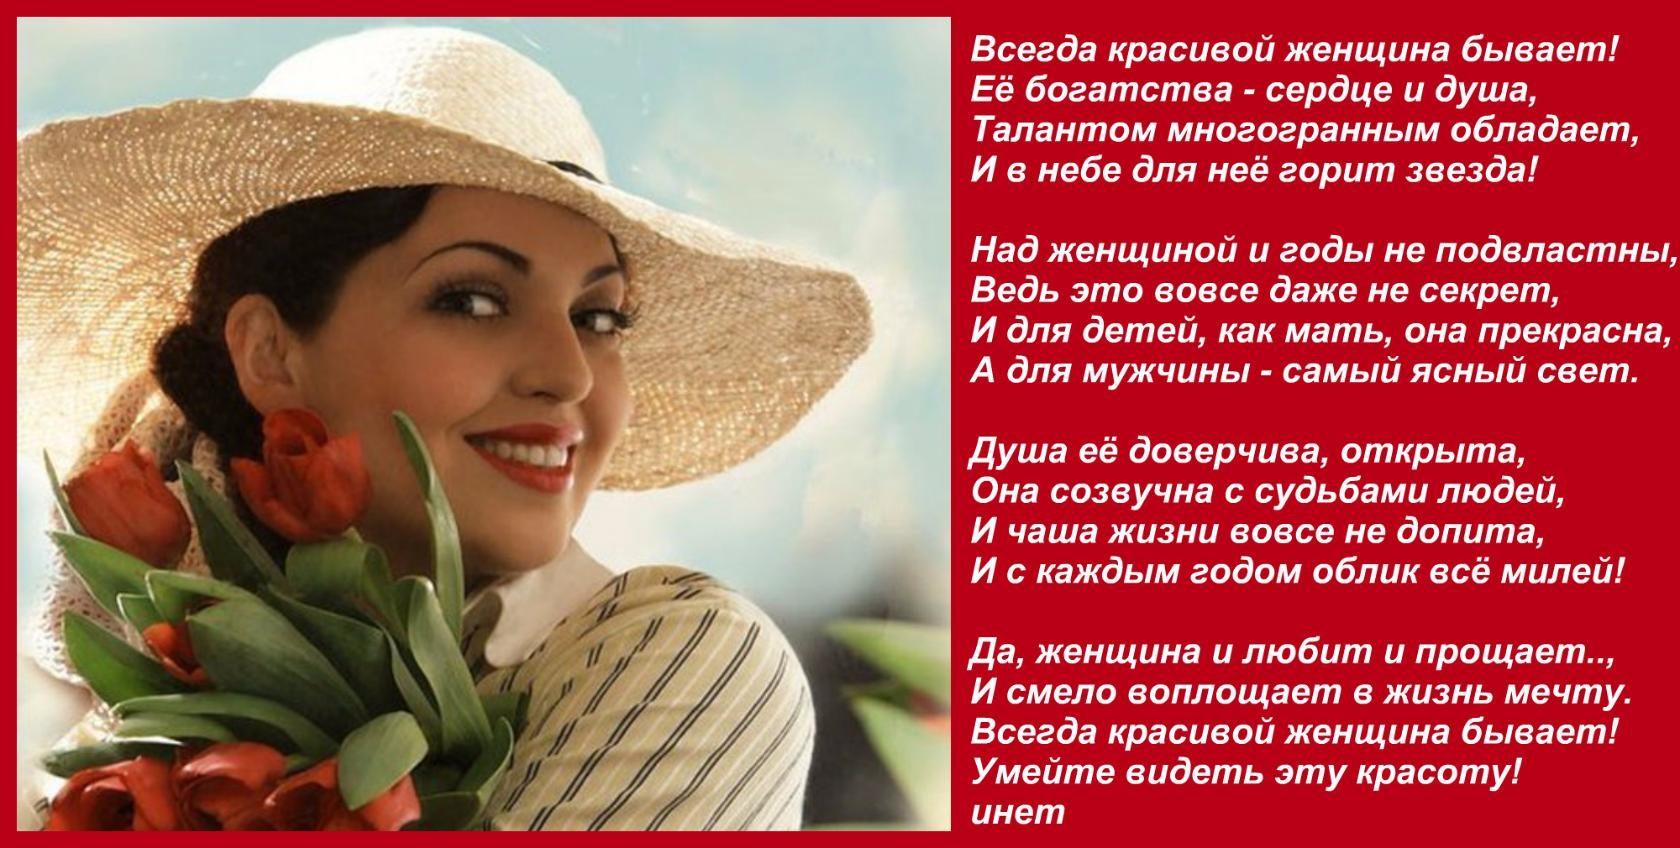 Открытка прекрасная женщина прекрасна всегда